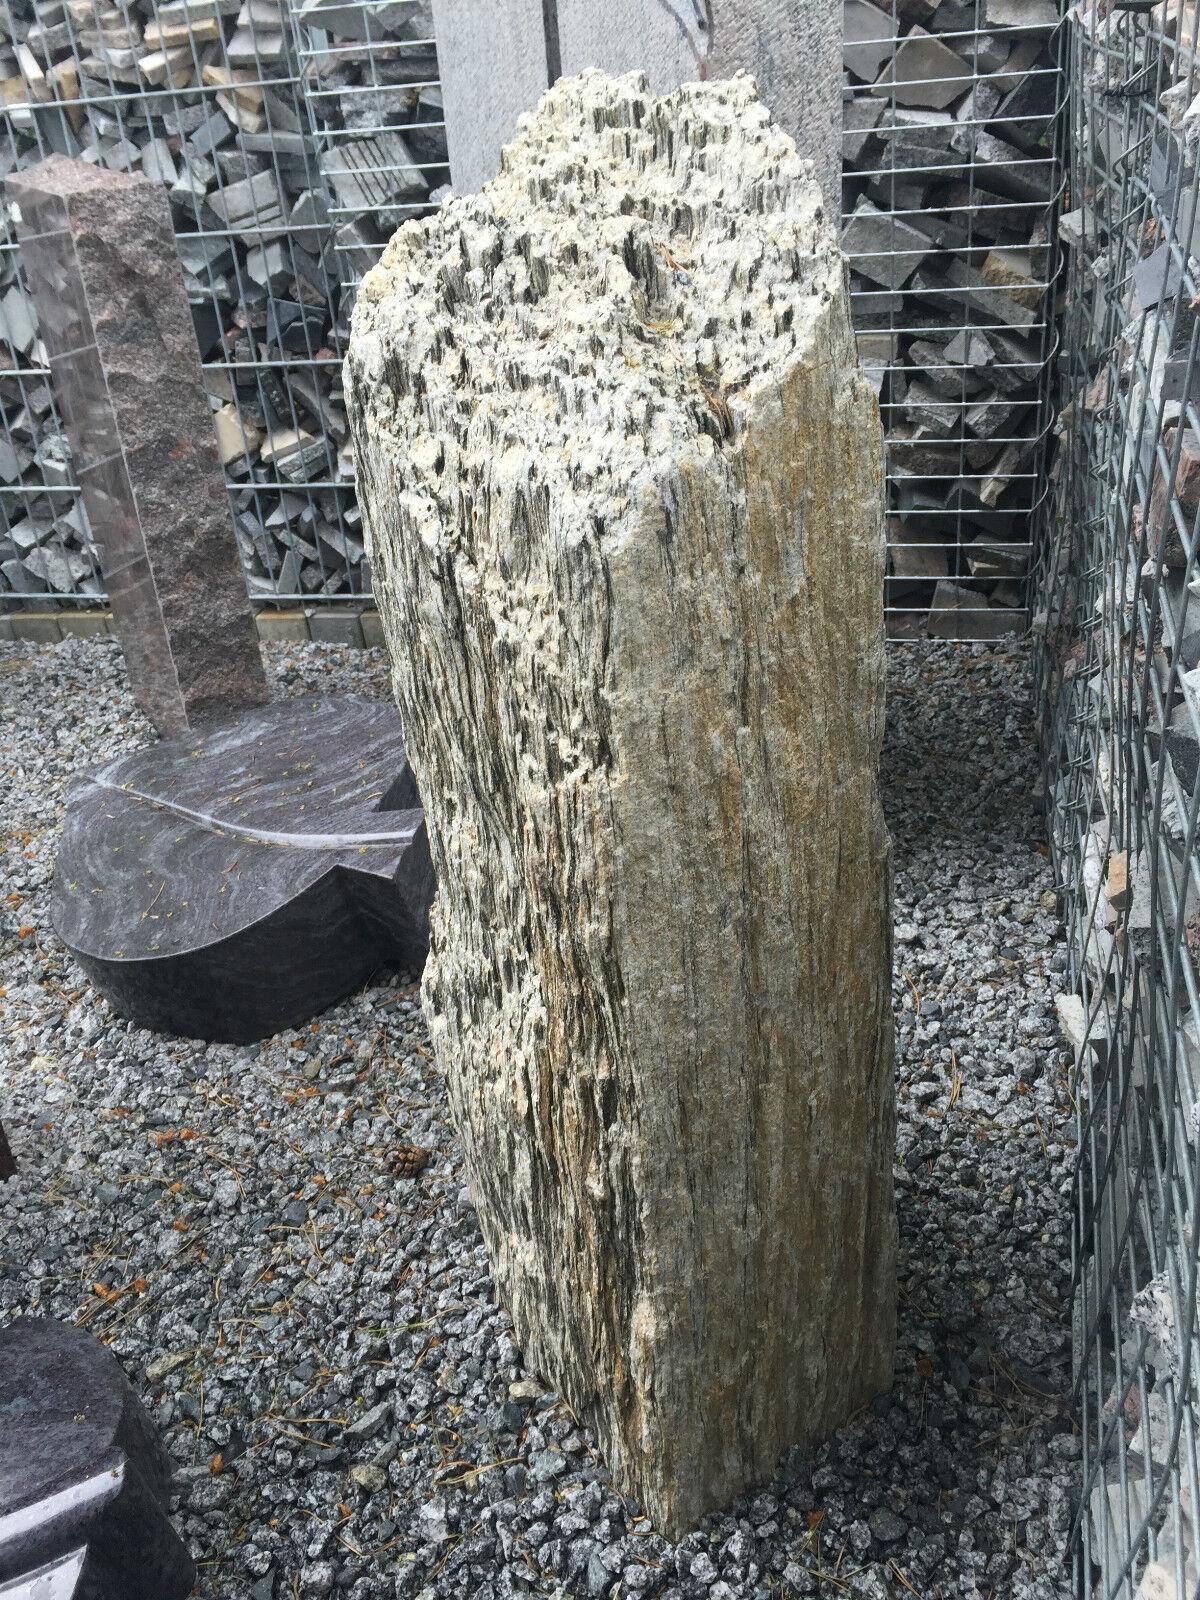 Schiefer Granit grabmal felsen grabstein grabanlage granit naturstein monolith stele schiefer eur 369 99